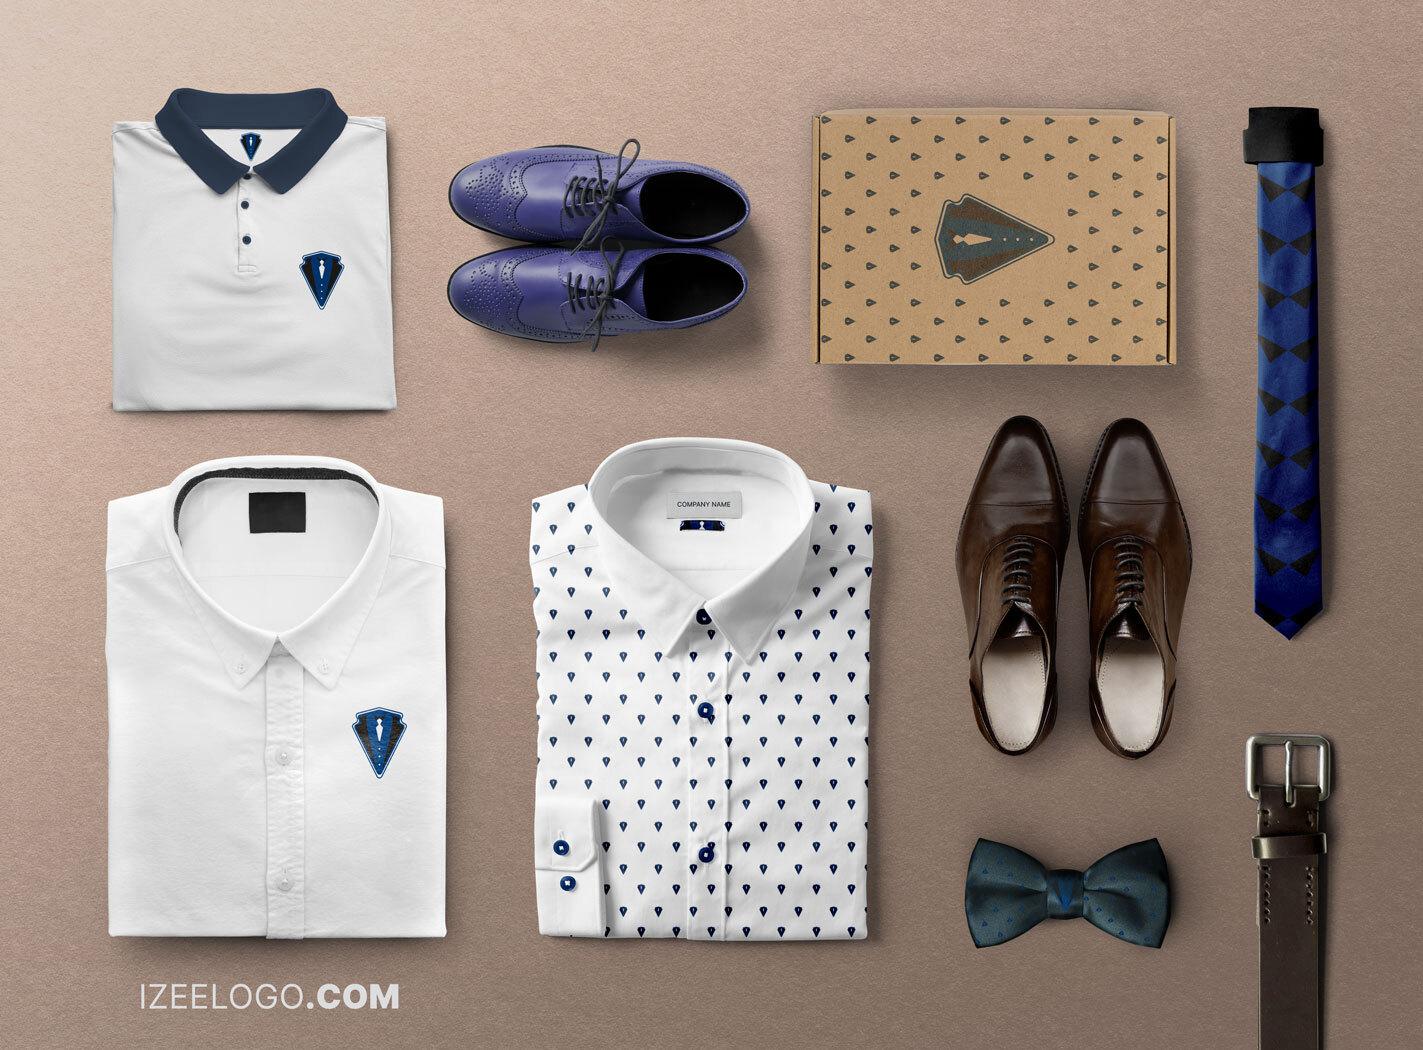 Identidad visual corporativa: diseño de logo de moda y textil para tarjeta de presentación y mockup.